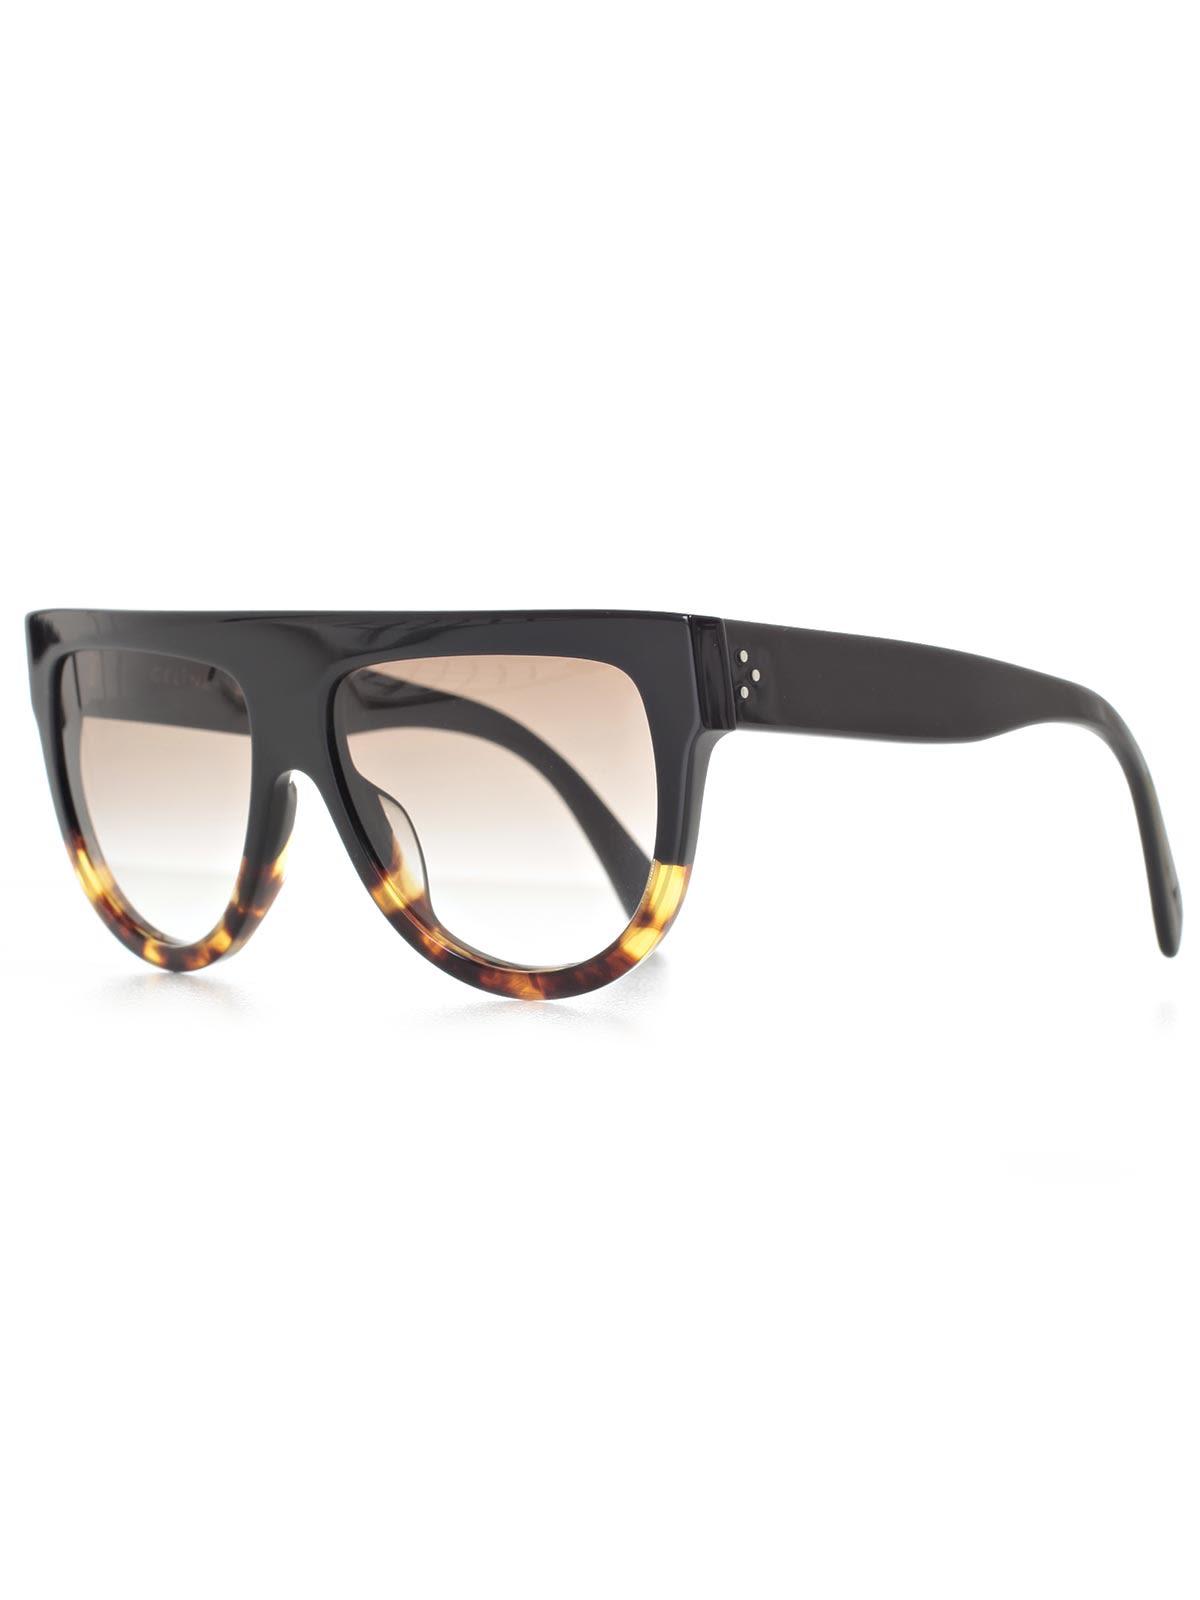 97b9fd24aa16 Celine Women s Eyeglasses